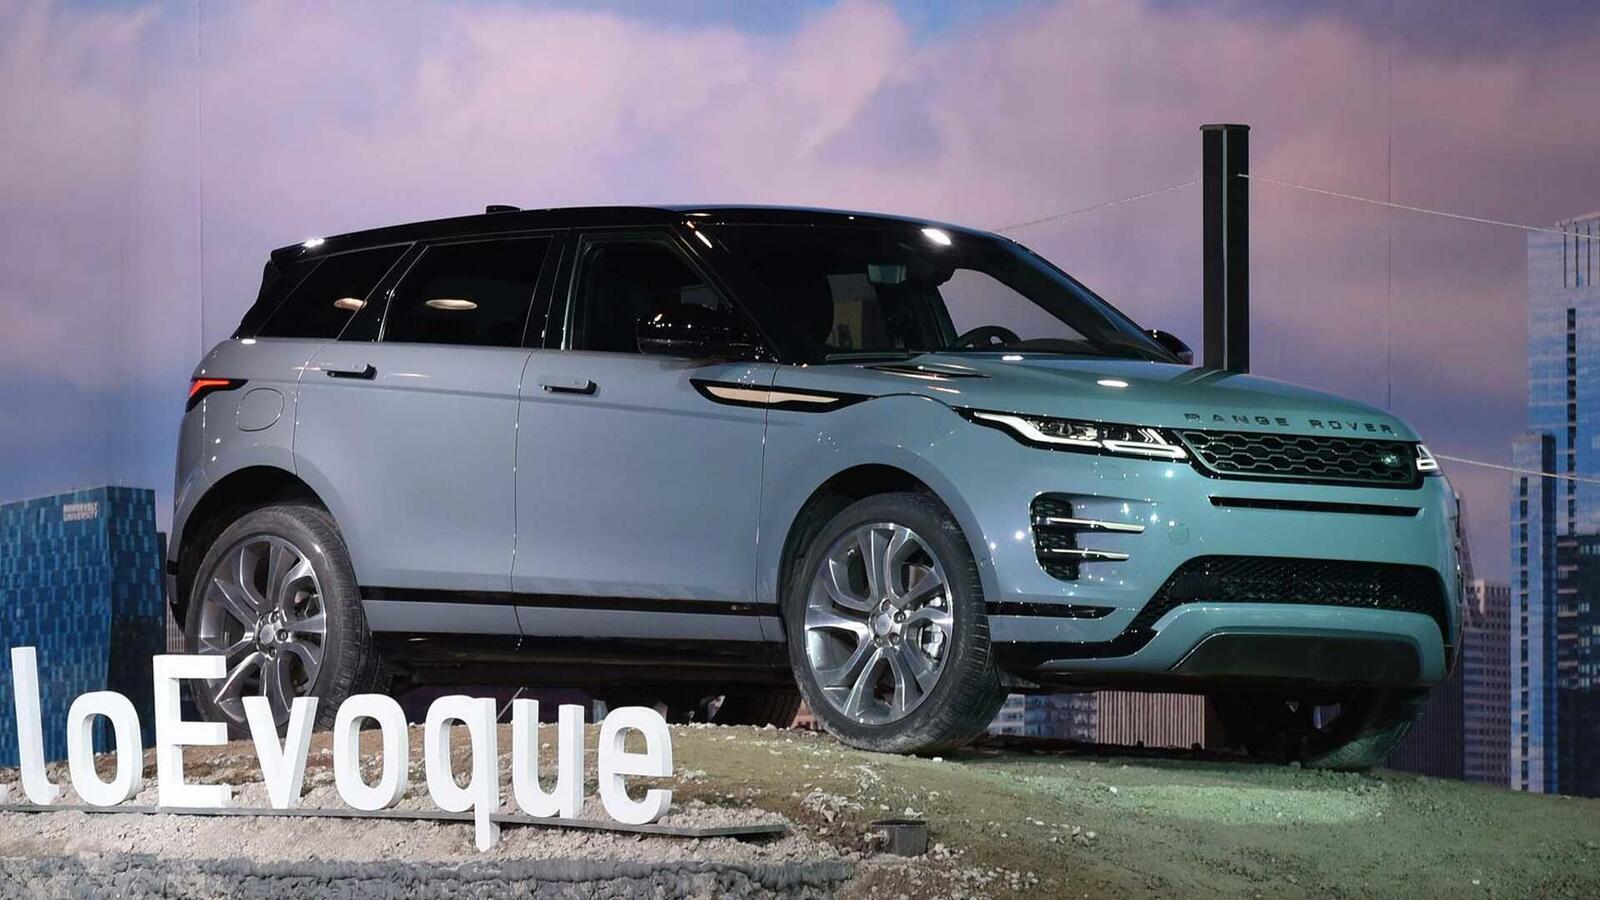 Range Rover Evoque mới tại Mỹ có giá từ 43.645 USD, đắt hơn Audi Q5 và Mercedes GLC - Hình 8